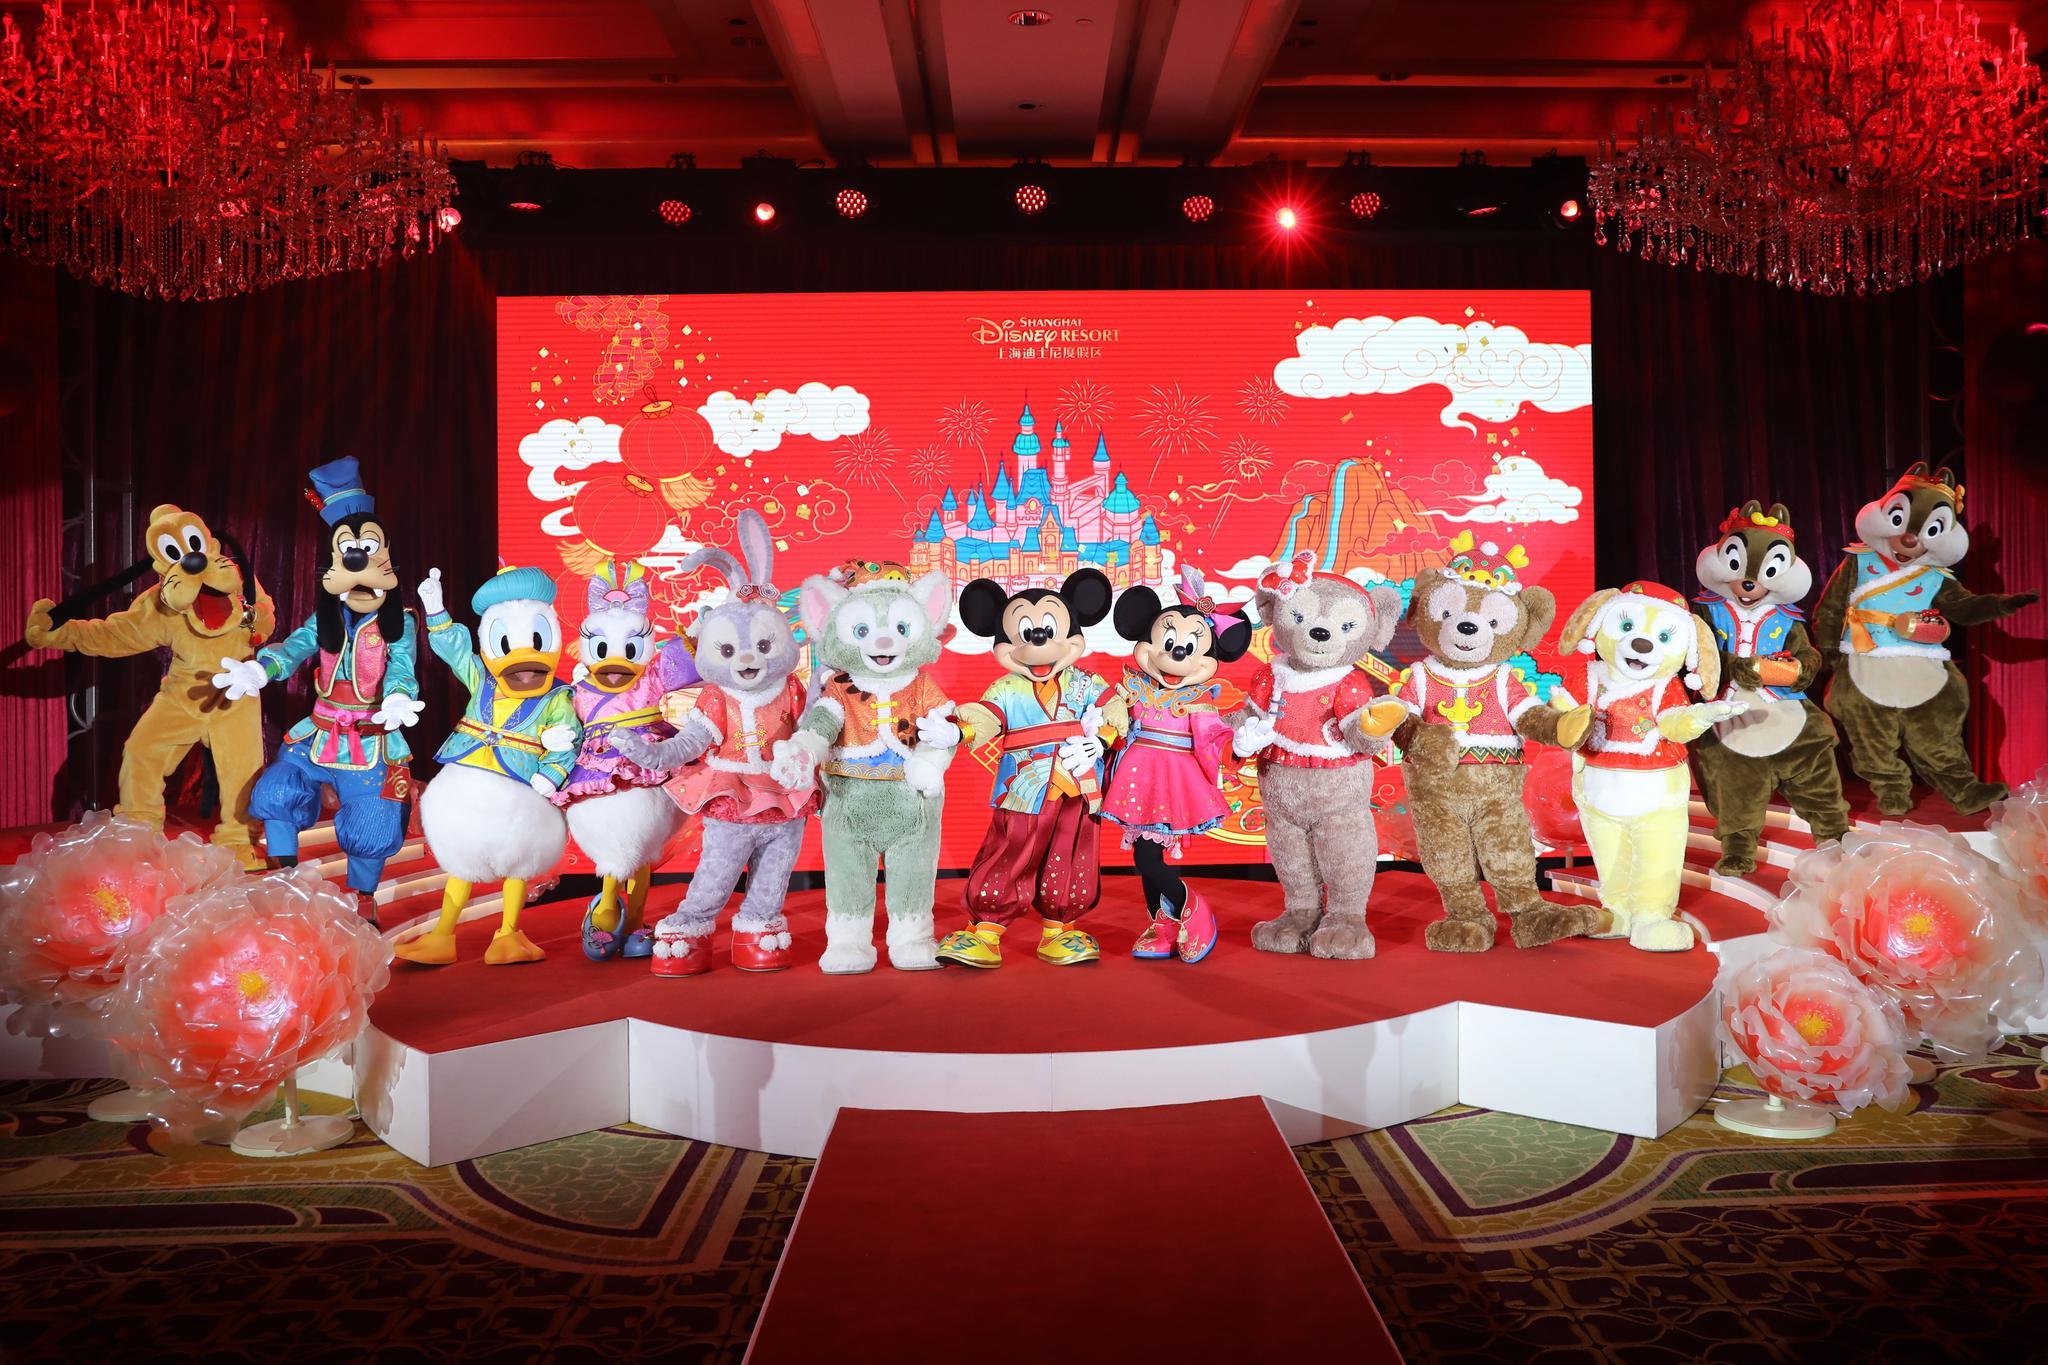 上海迪士尼推出春节主题活动,米奇米妮换新装图片